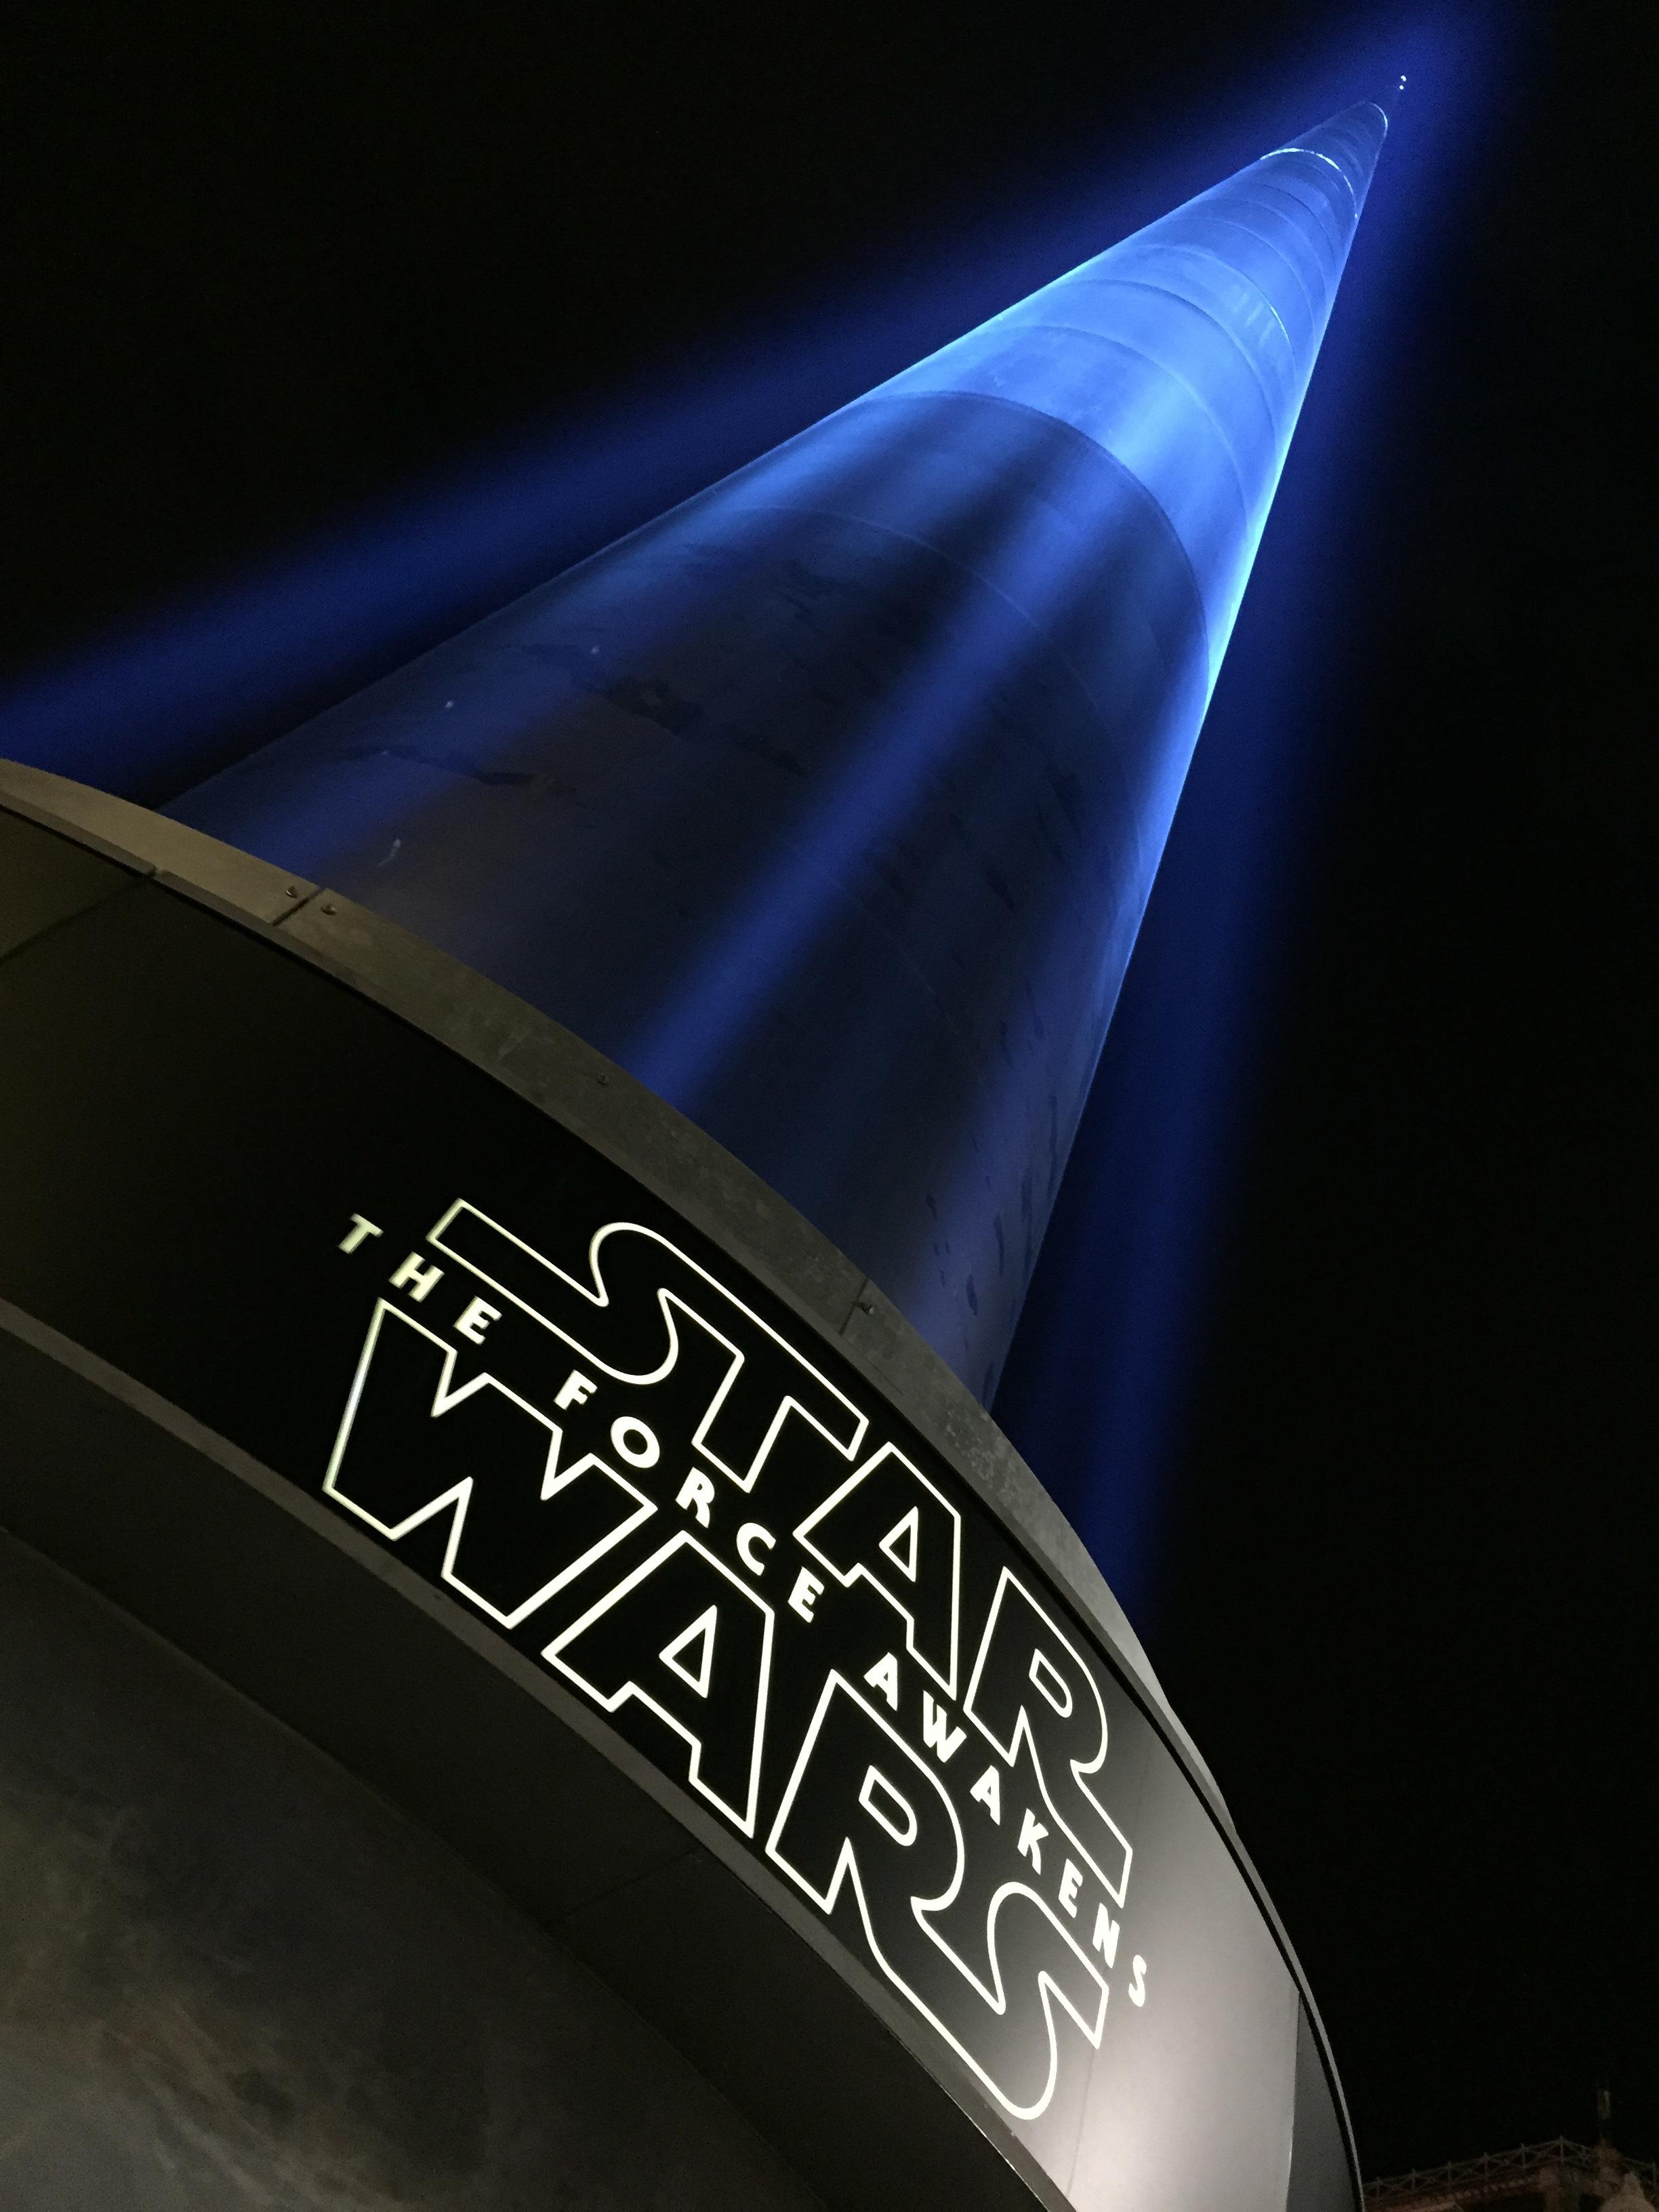 eventco spire dublin star wars